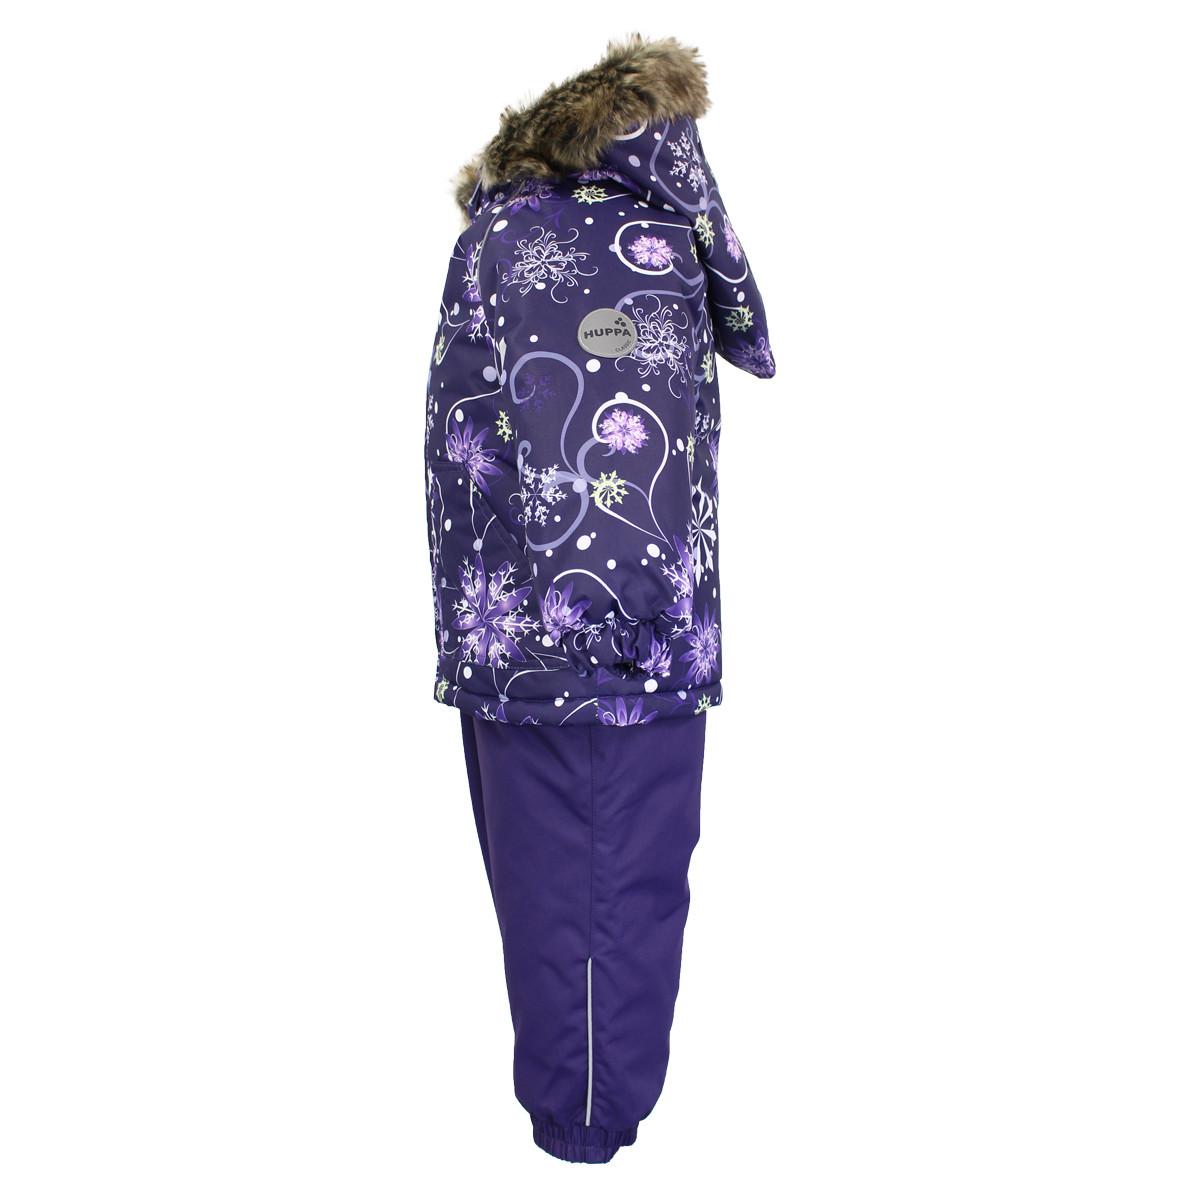 Детский комплект Huppa AVERY, лиловый с принтом/темно-лиловый - 98 - фото 3